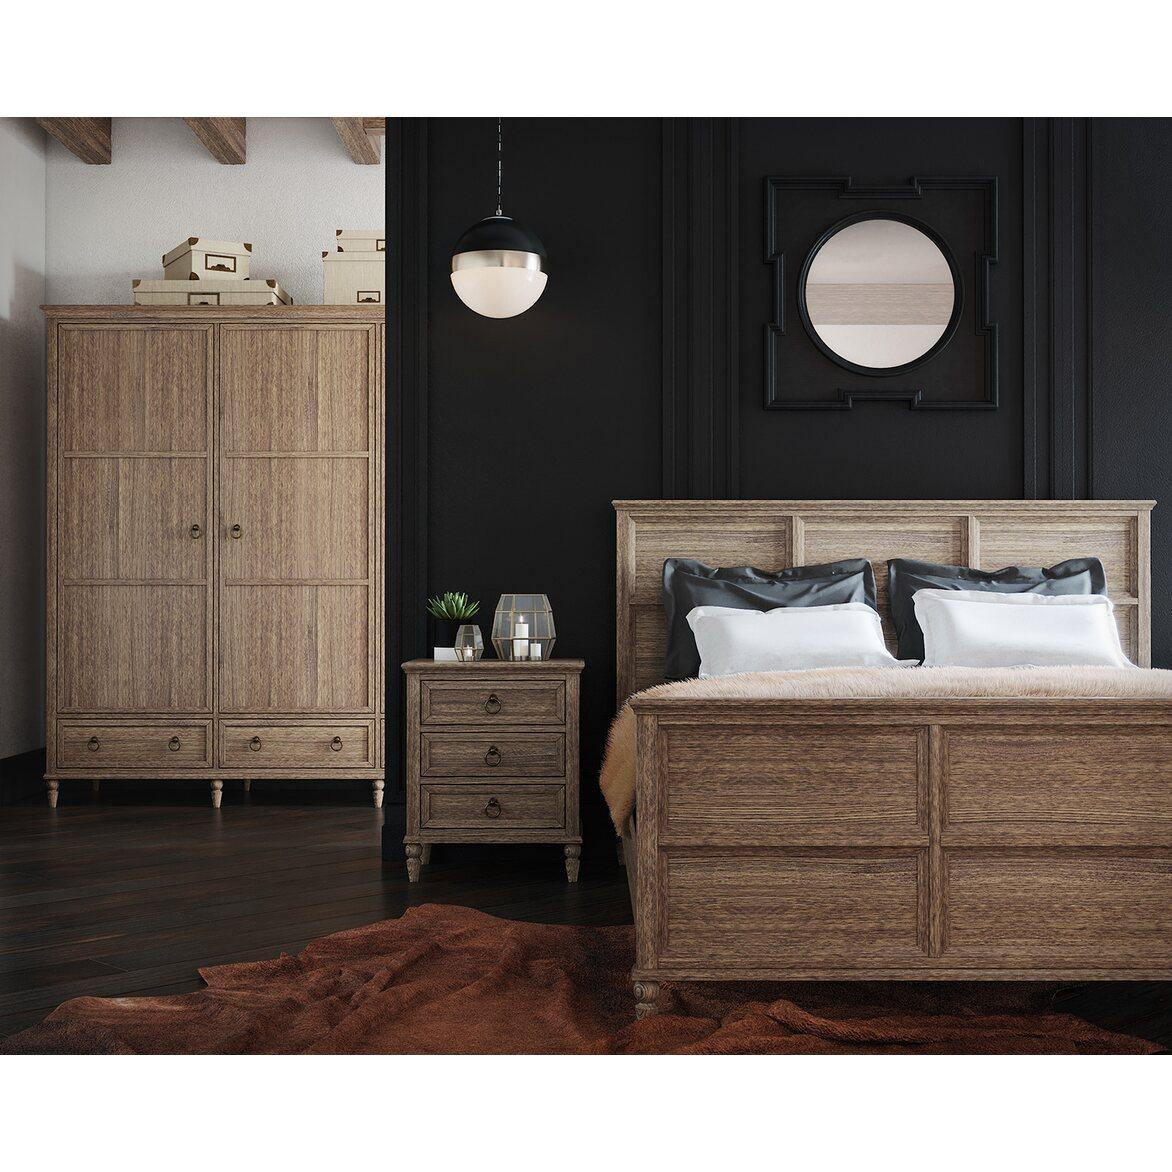 Кровать 160*200 Vilton, дуб 4   Двуспальные кровати Kingsby